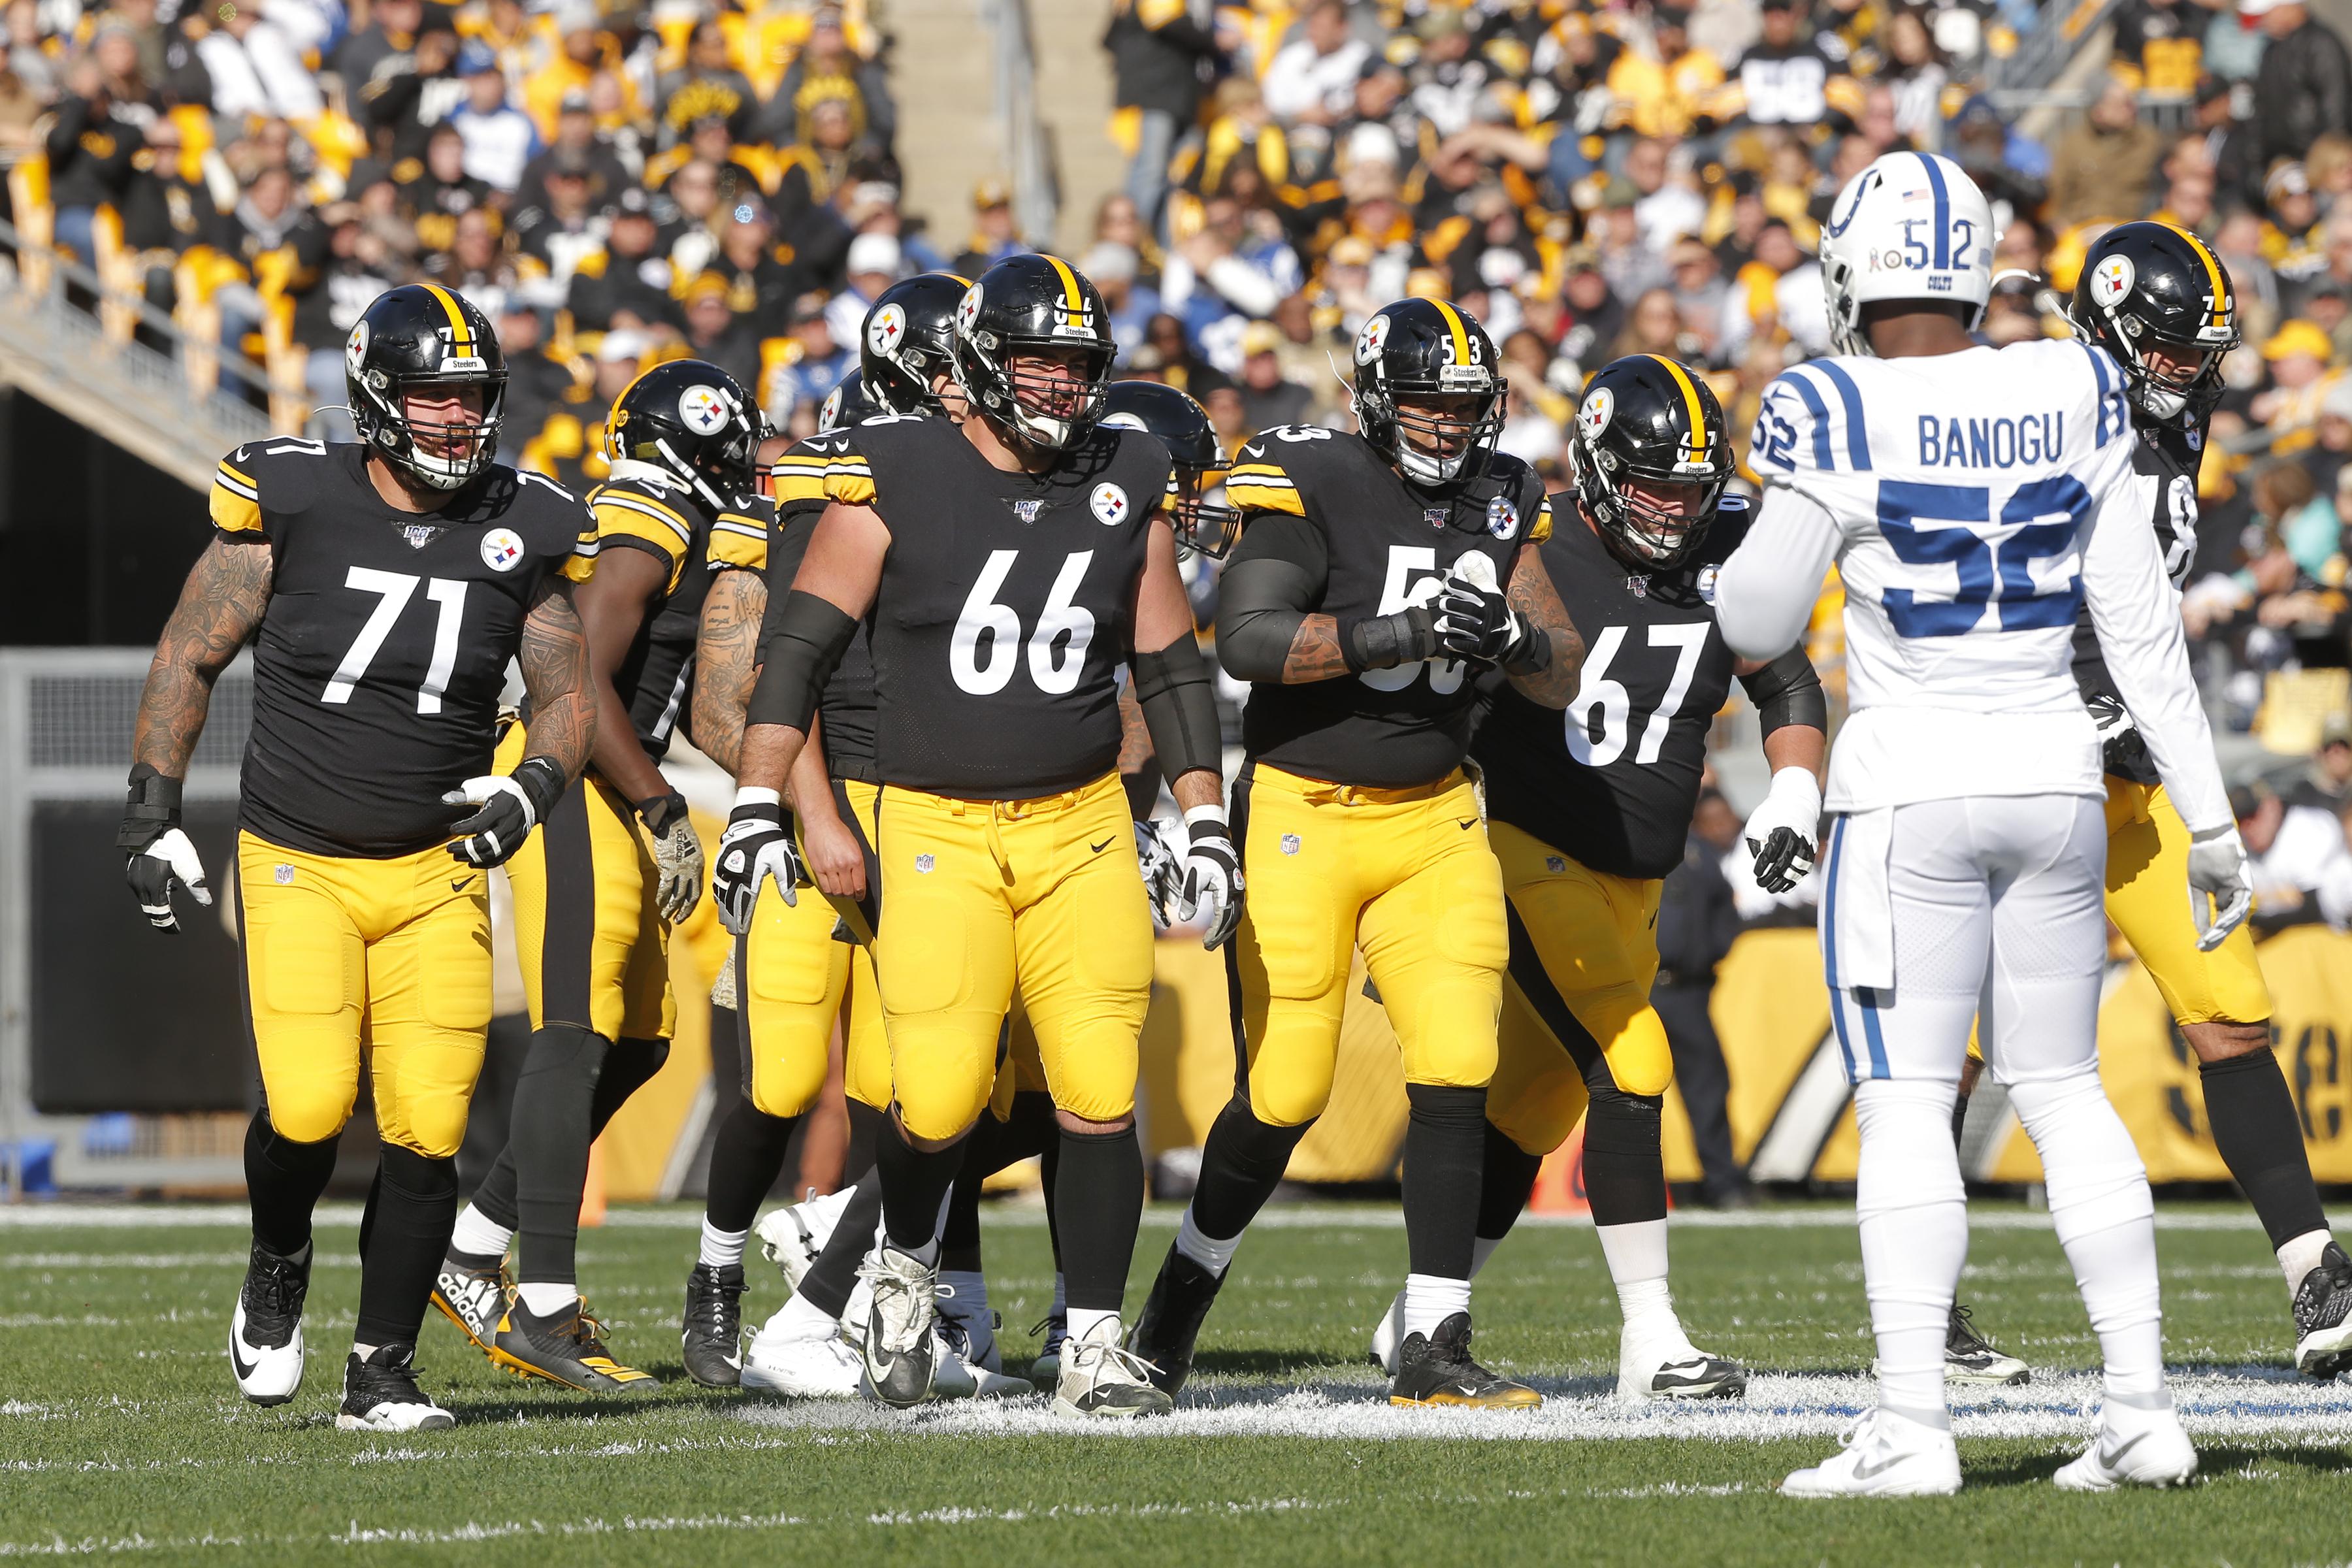 NFL: NOV 03 Colts at Steelers